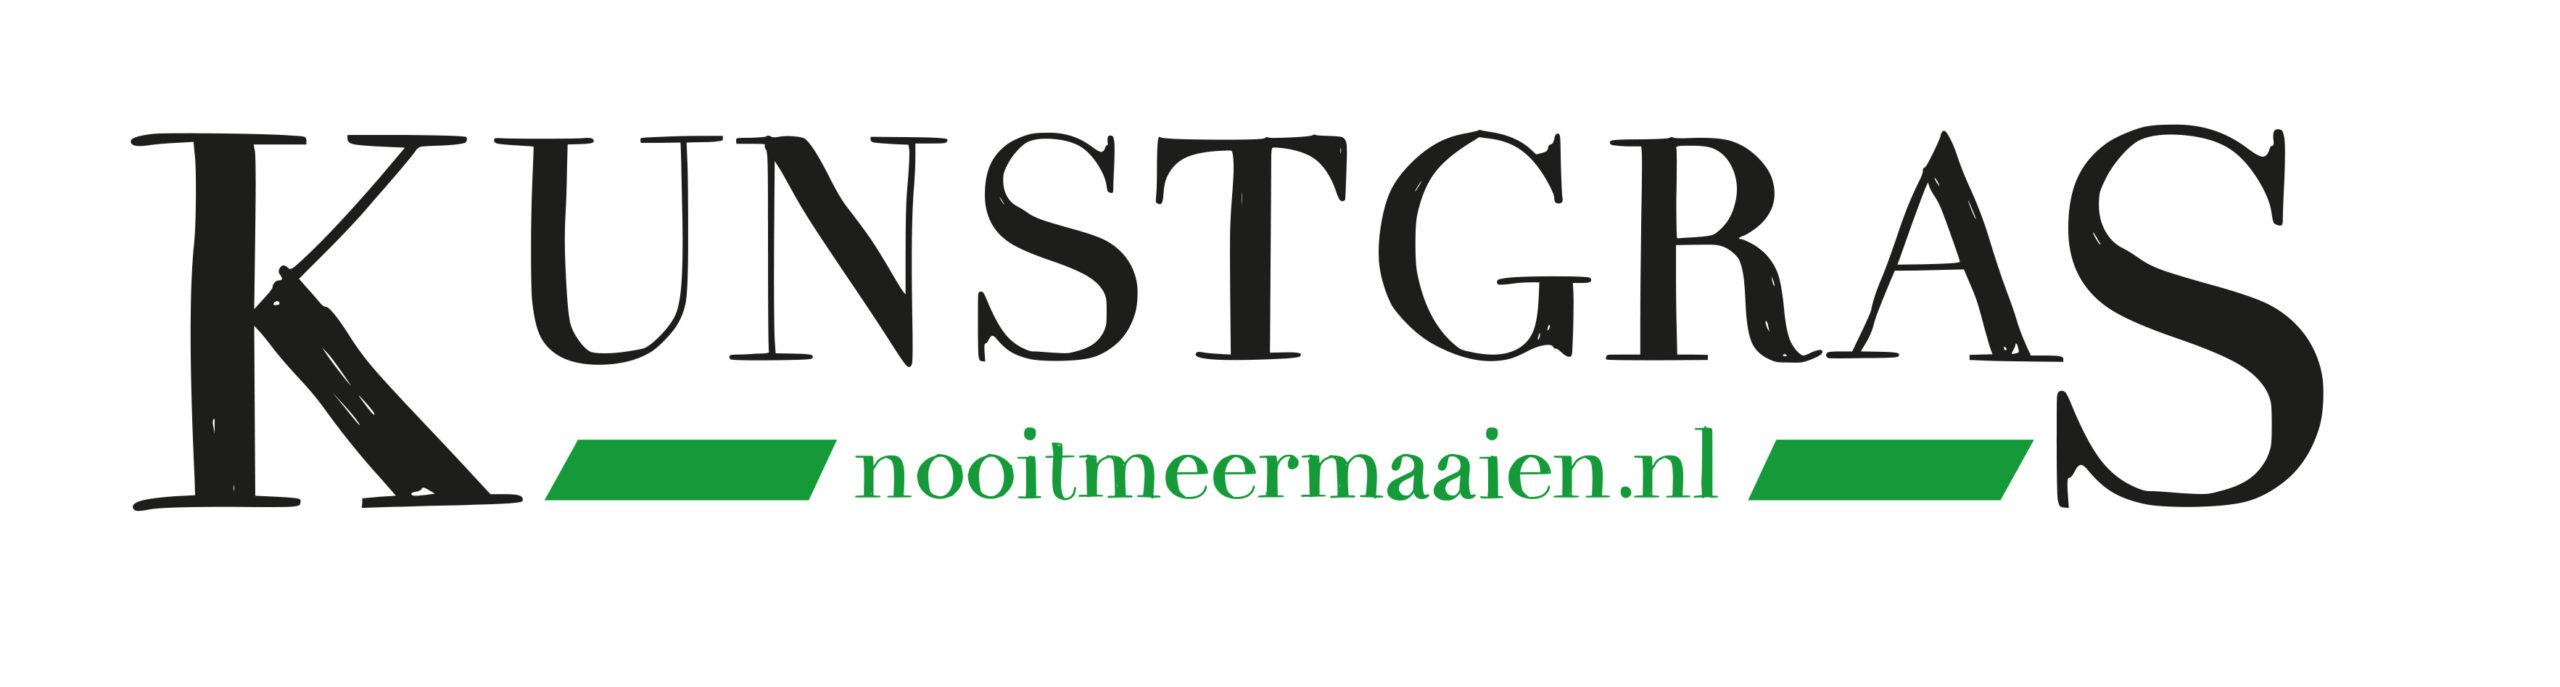 Kunstgras | nooitmeermaaien.nl